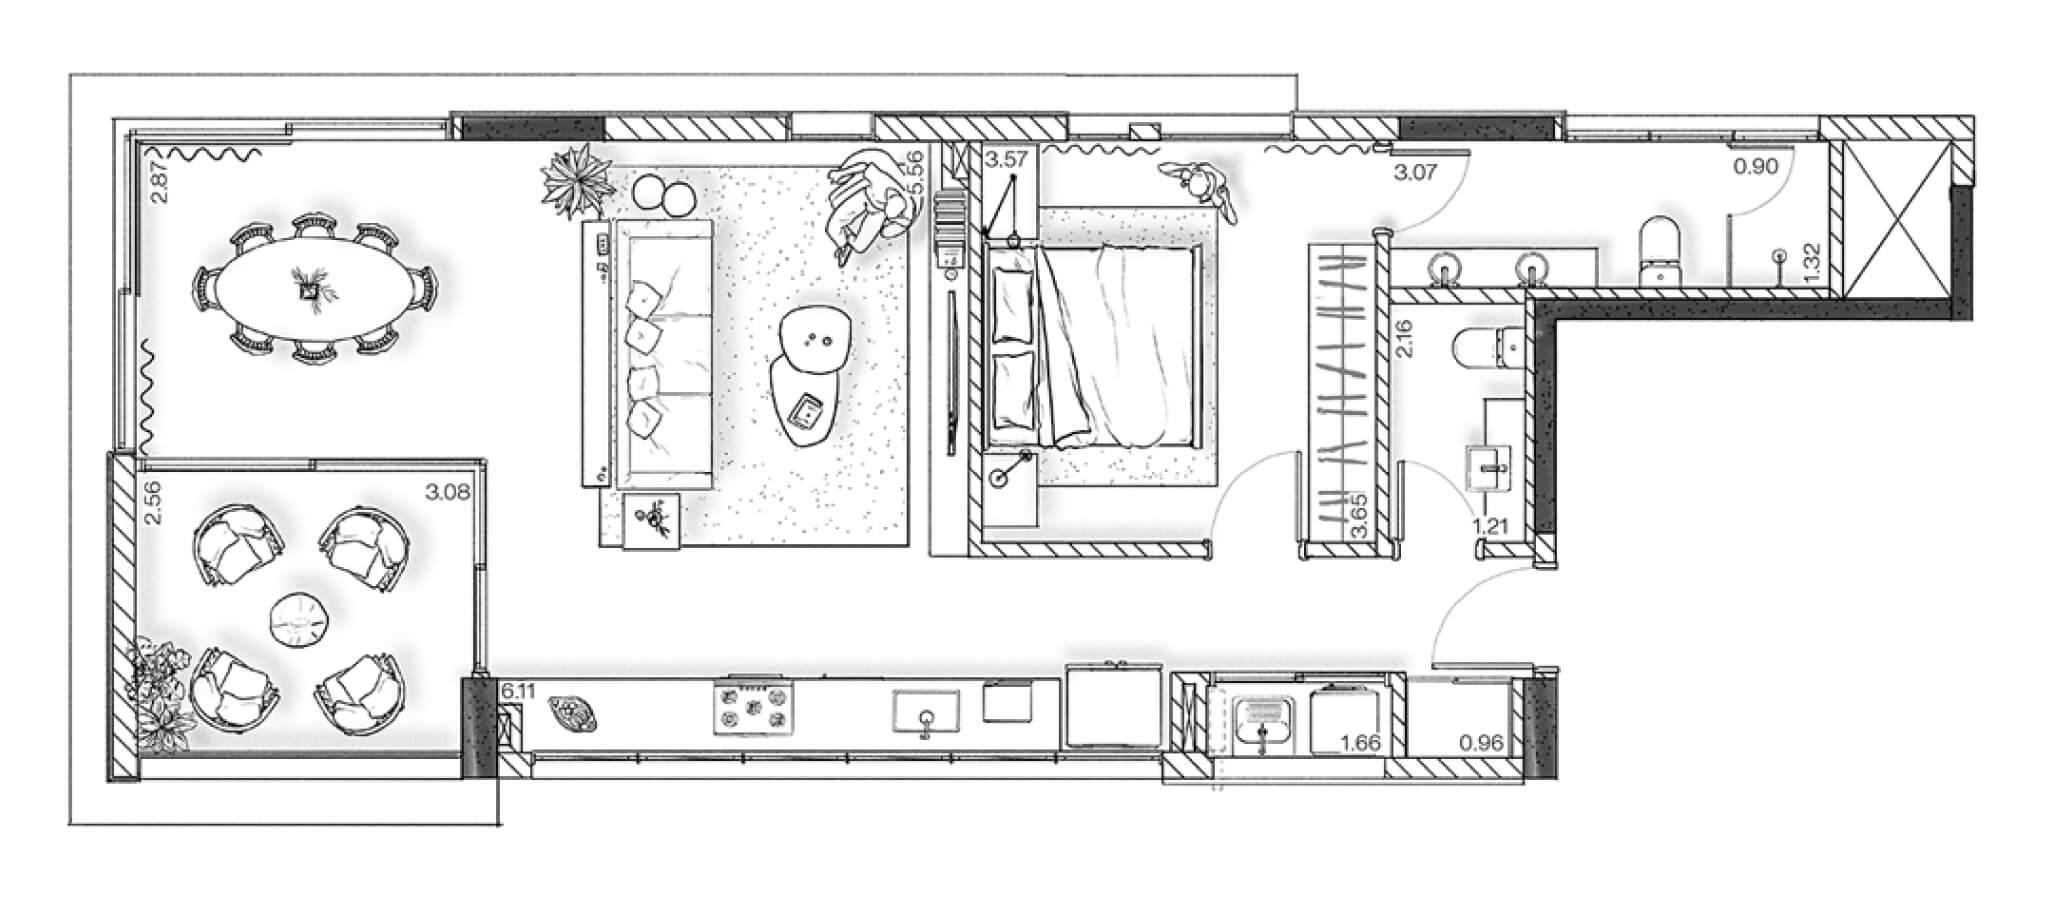 Planta - Apartamento 79 m²